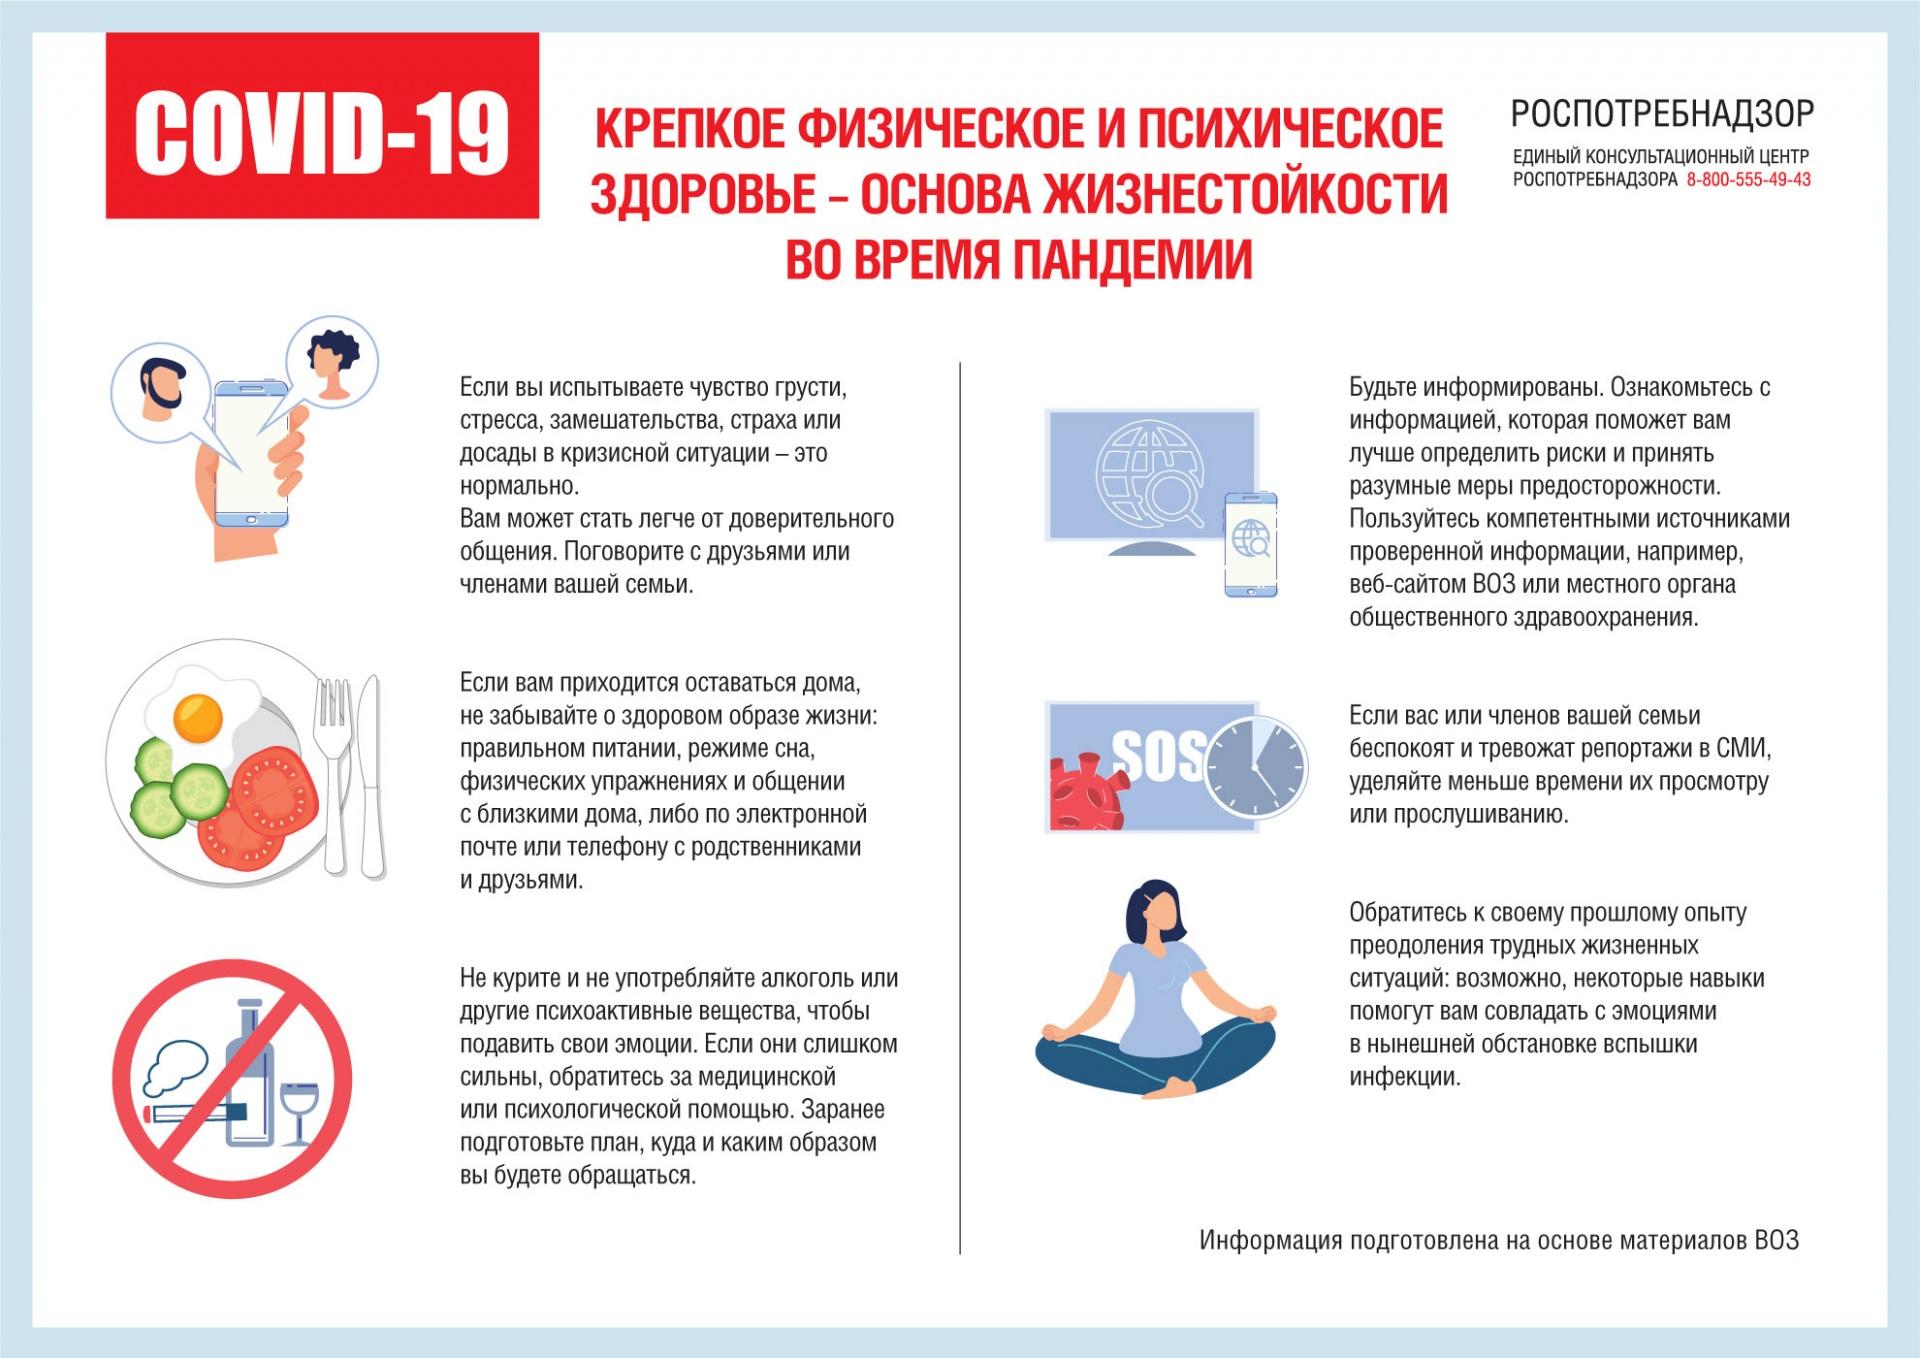 Вирус COVID-19: как справиться со стрессом | Комиинформ